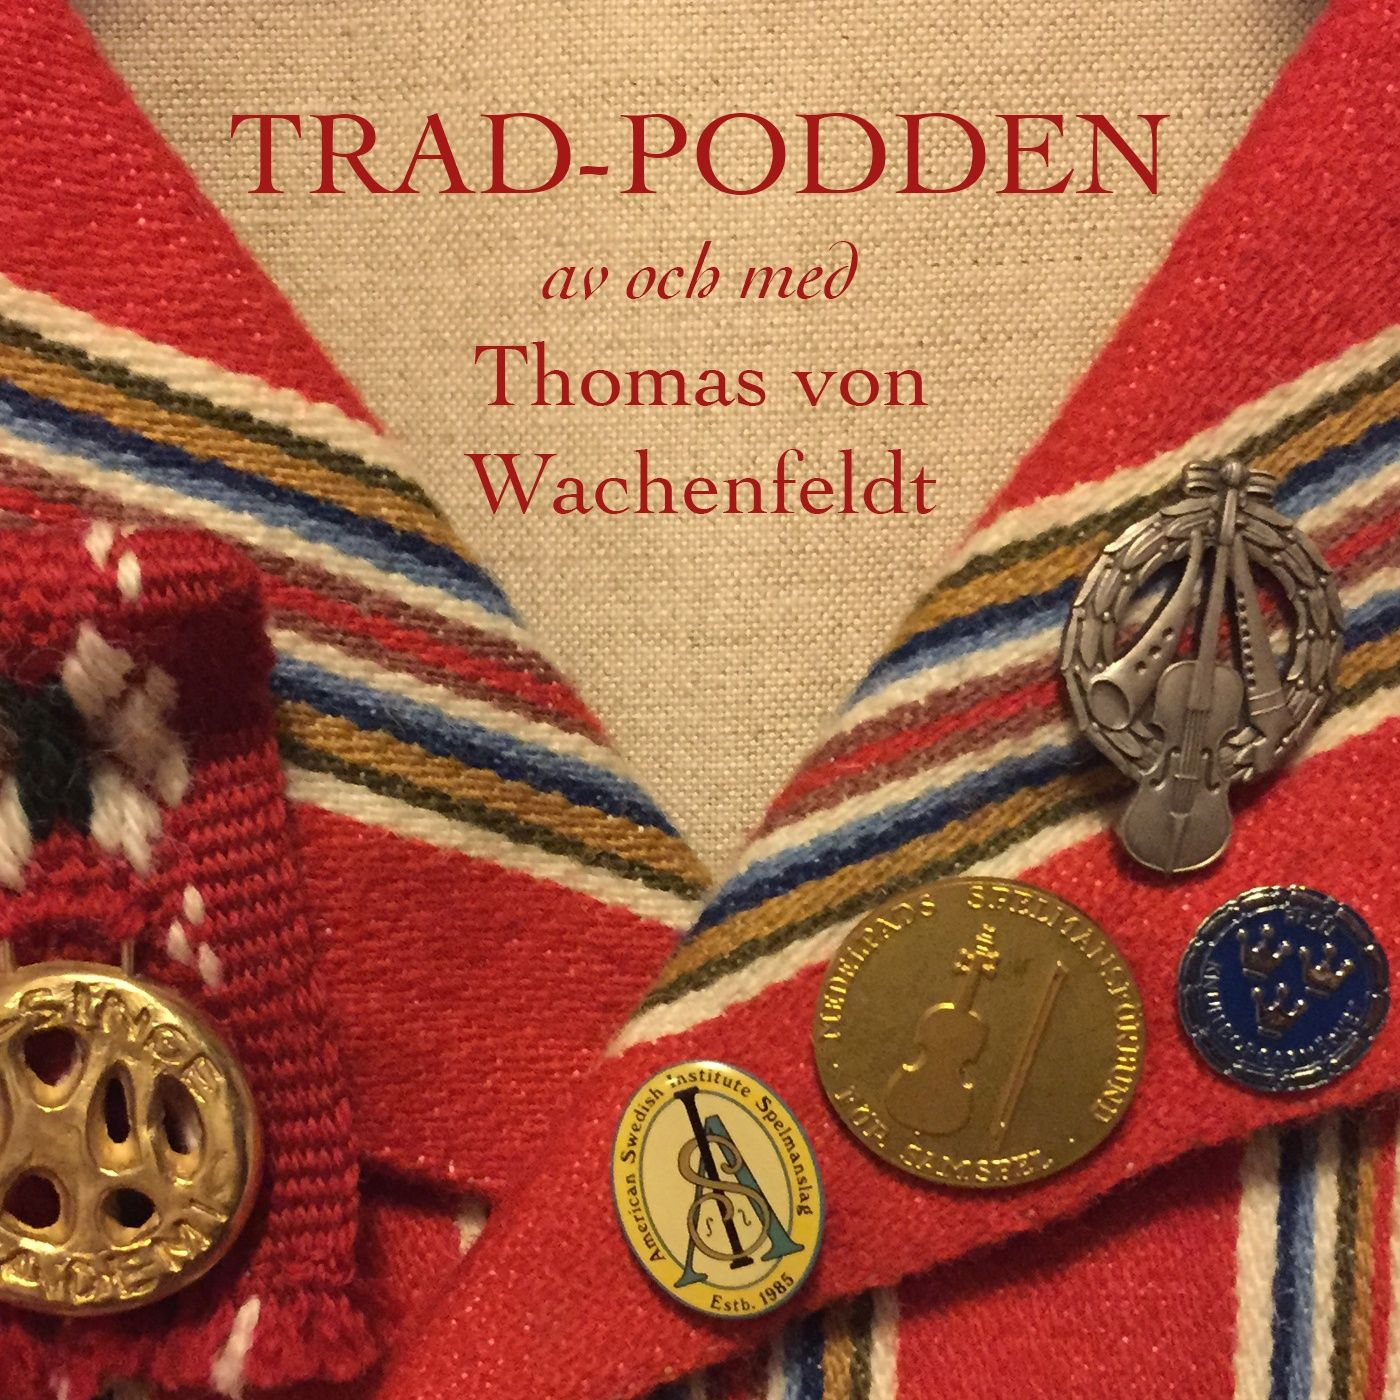 Trad-Podden, avsnitt 6D: Pelle Schenells landsmålsuppteckningar – 5:e insändningen